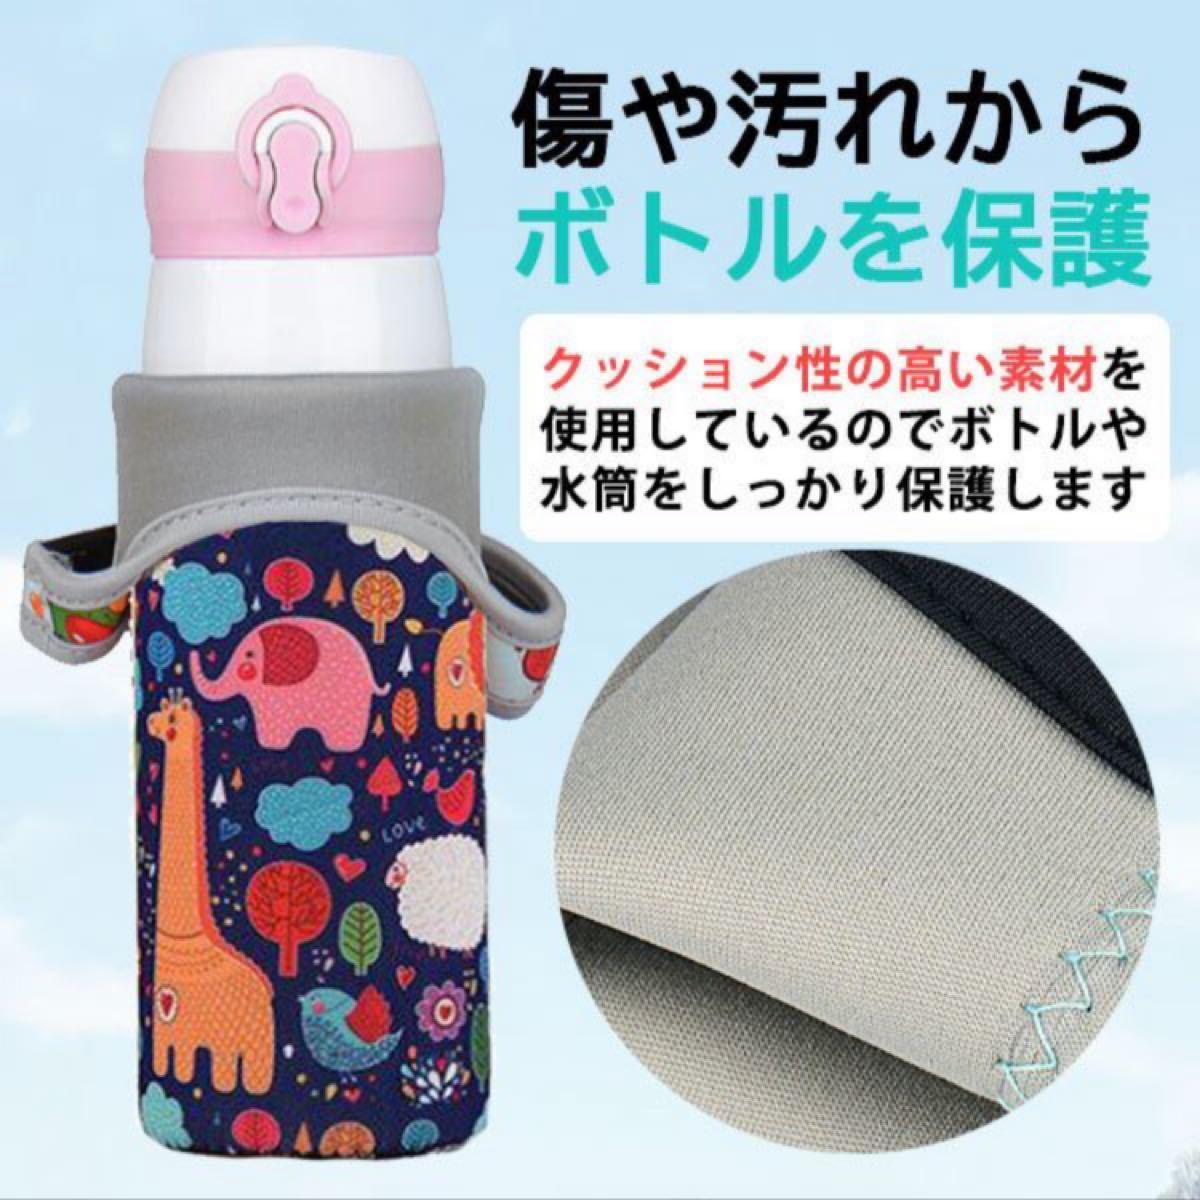 水筒カバー 肩掛け ペットボトルカバー ショルダー 水筒ケース 保冷